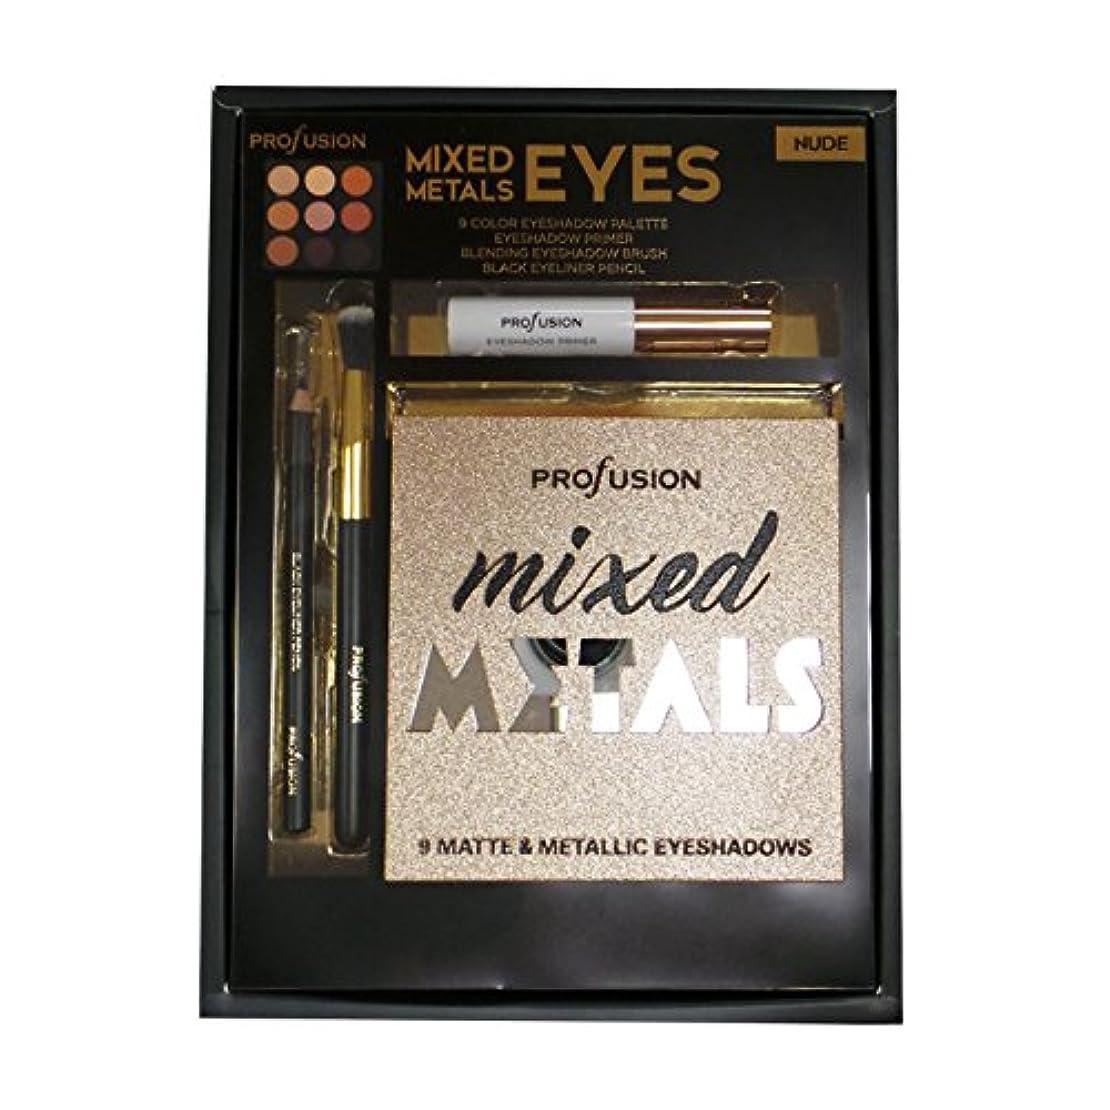 ブレース接続された作業(3 Pack) PROFUSION Mixed Metals & Eyes Palette - Nude (並行輸入品)